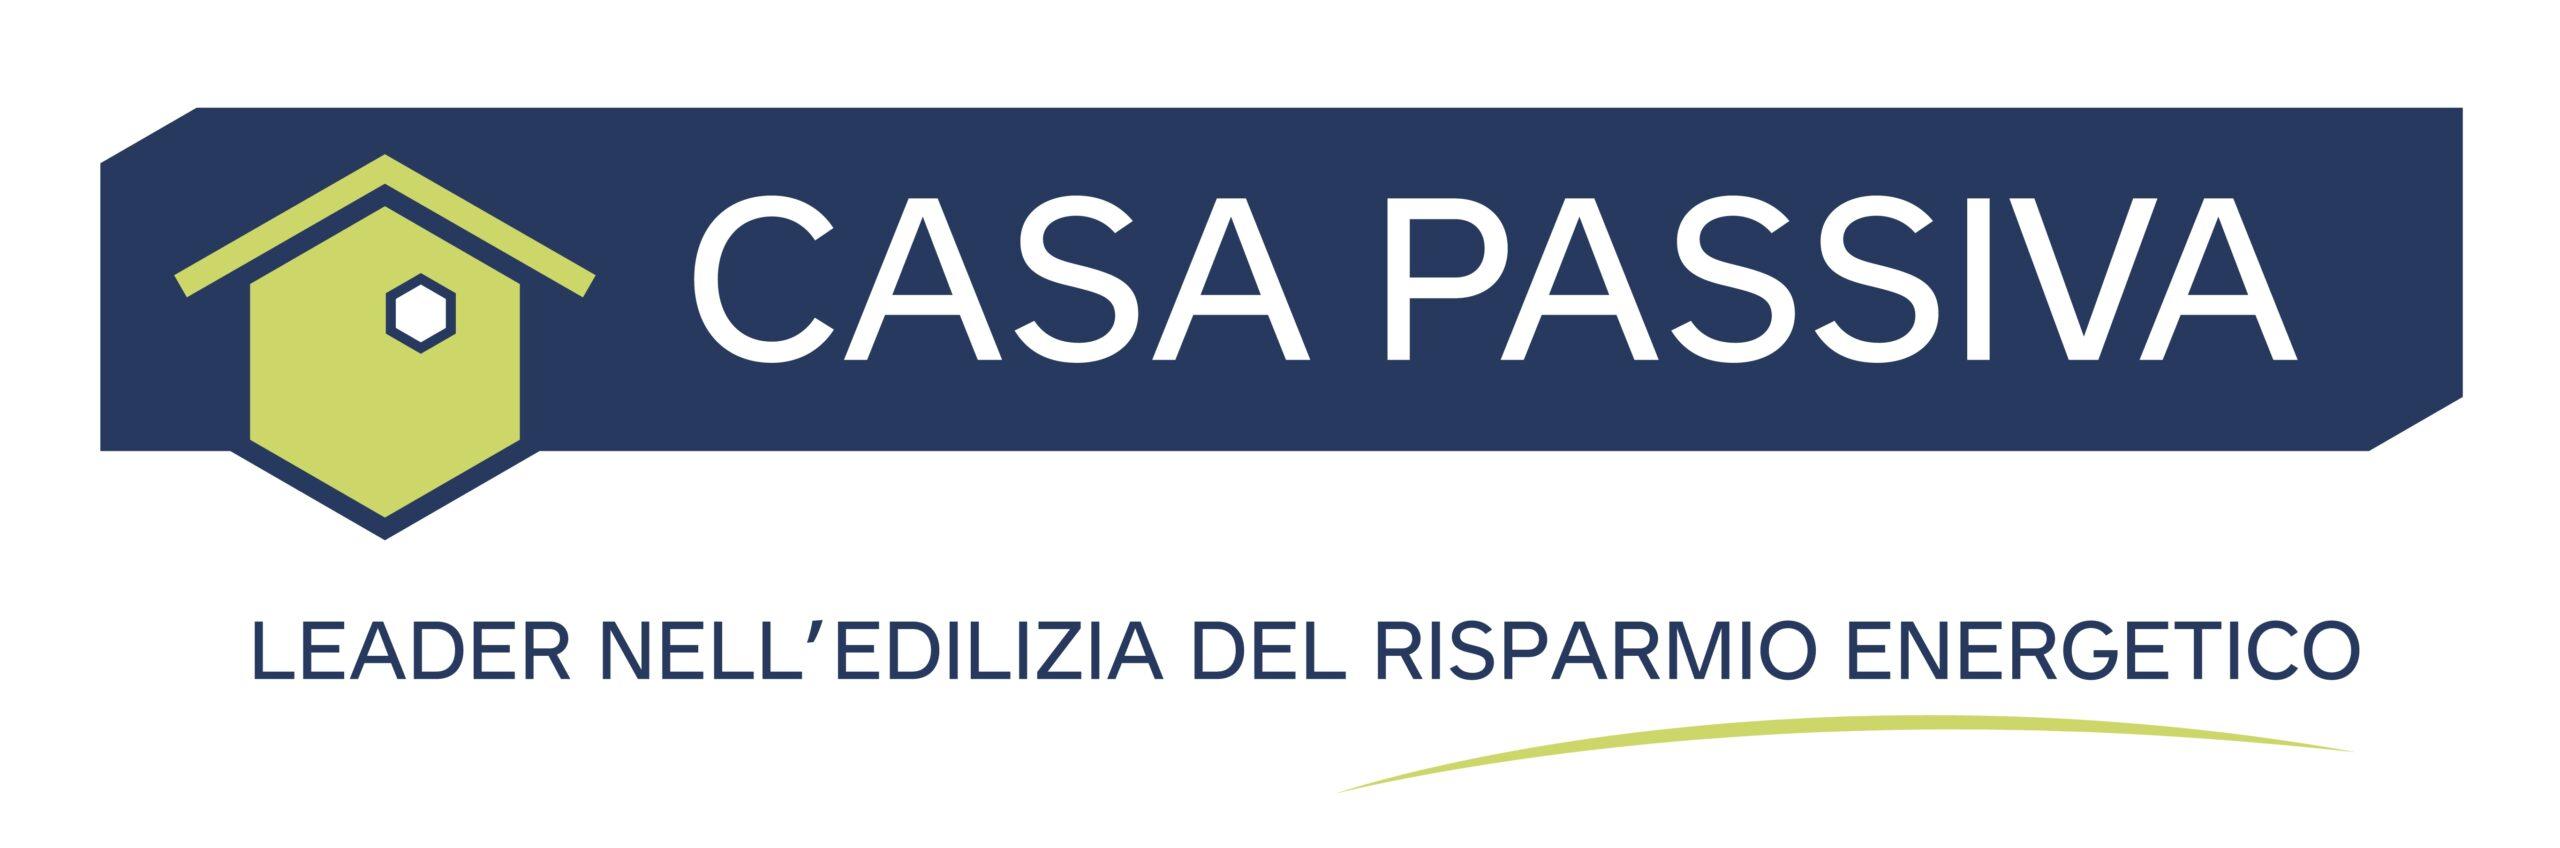 Casa Passiva italiana